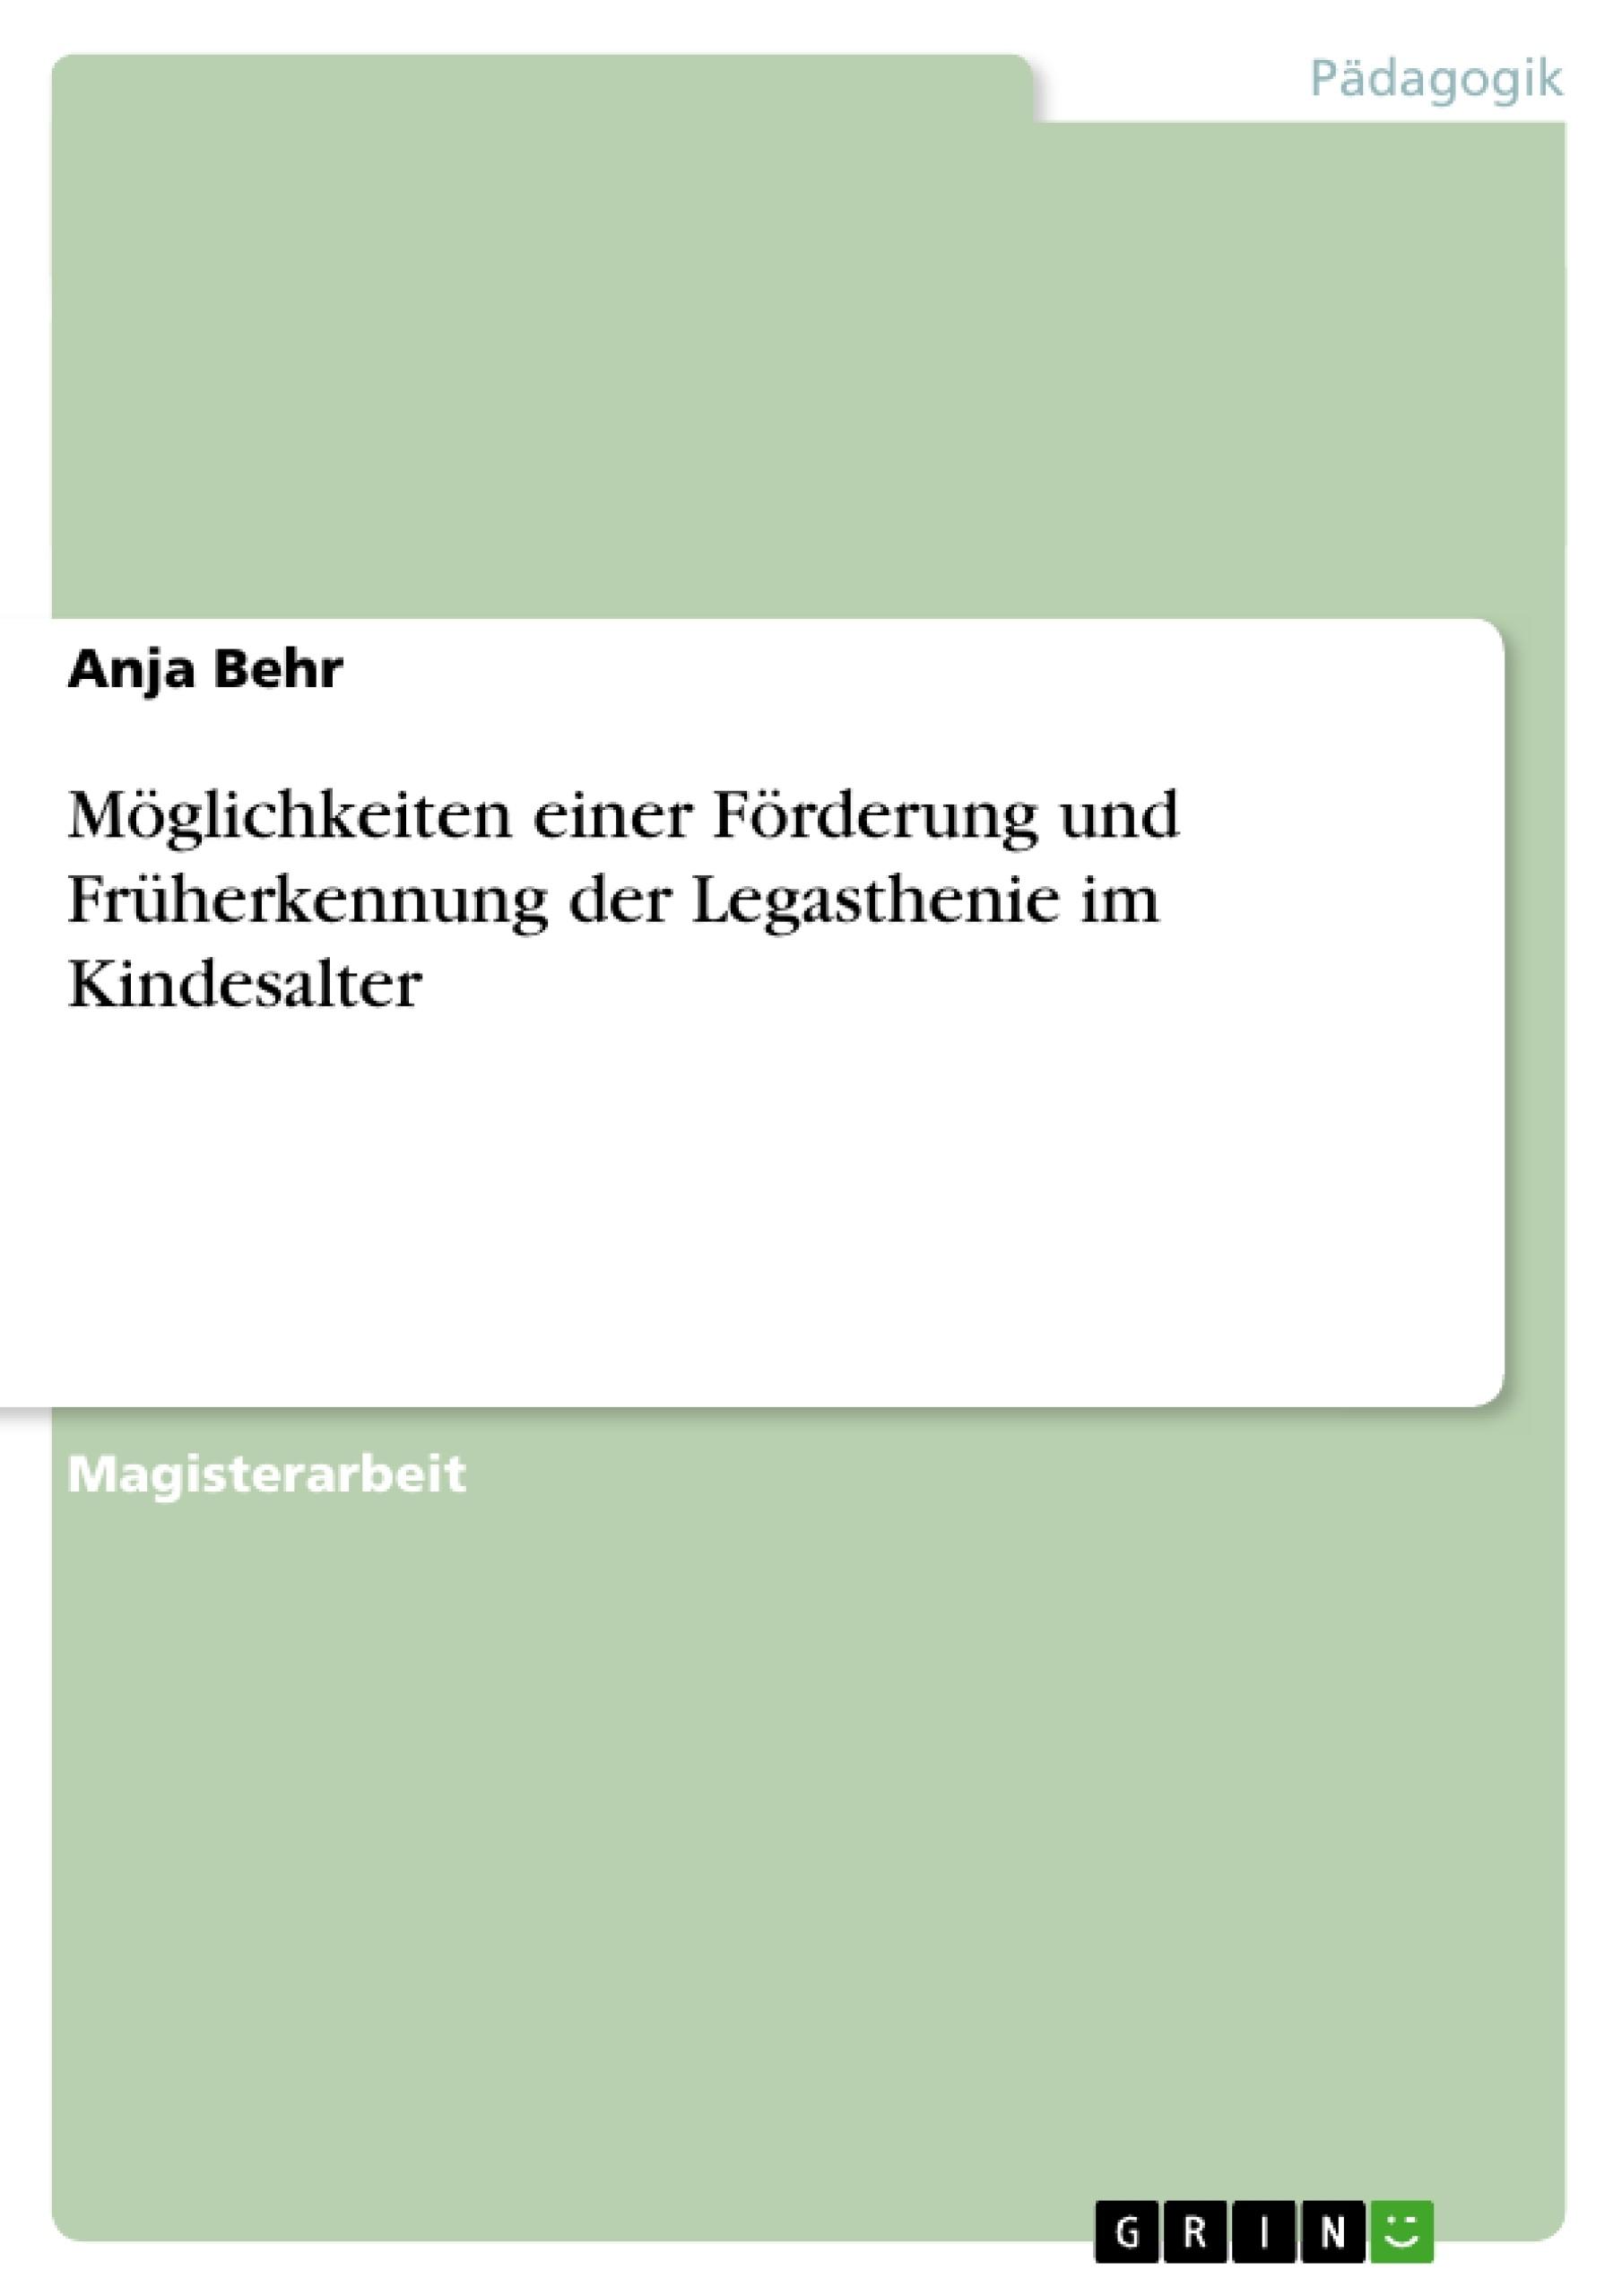 Titel: Möglichkeiten einer Förderung und Früherkennung der Legasthenie im Kindesalter